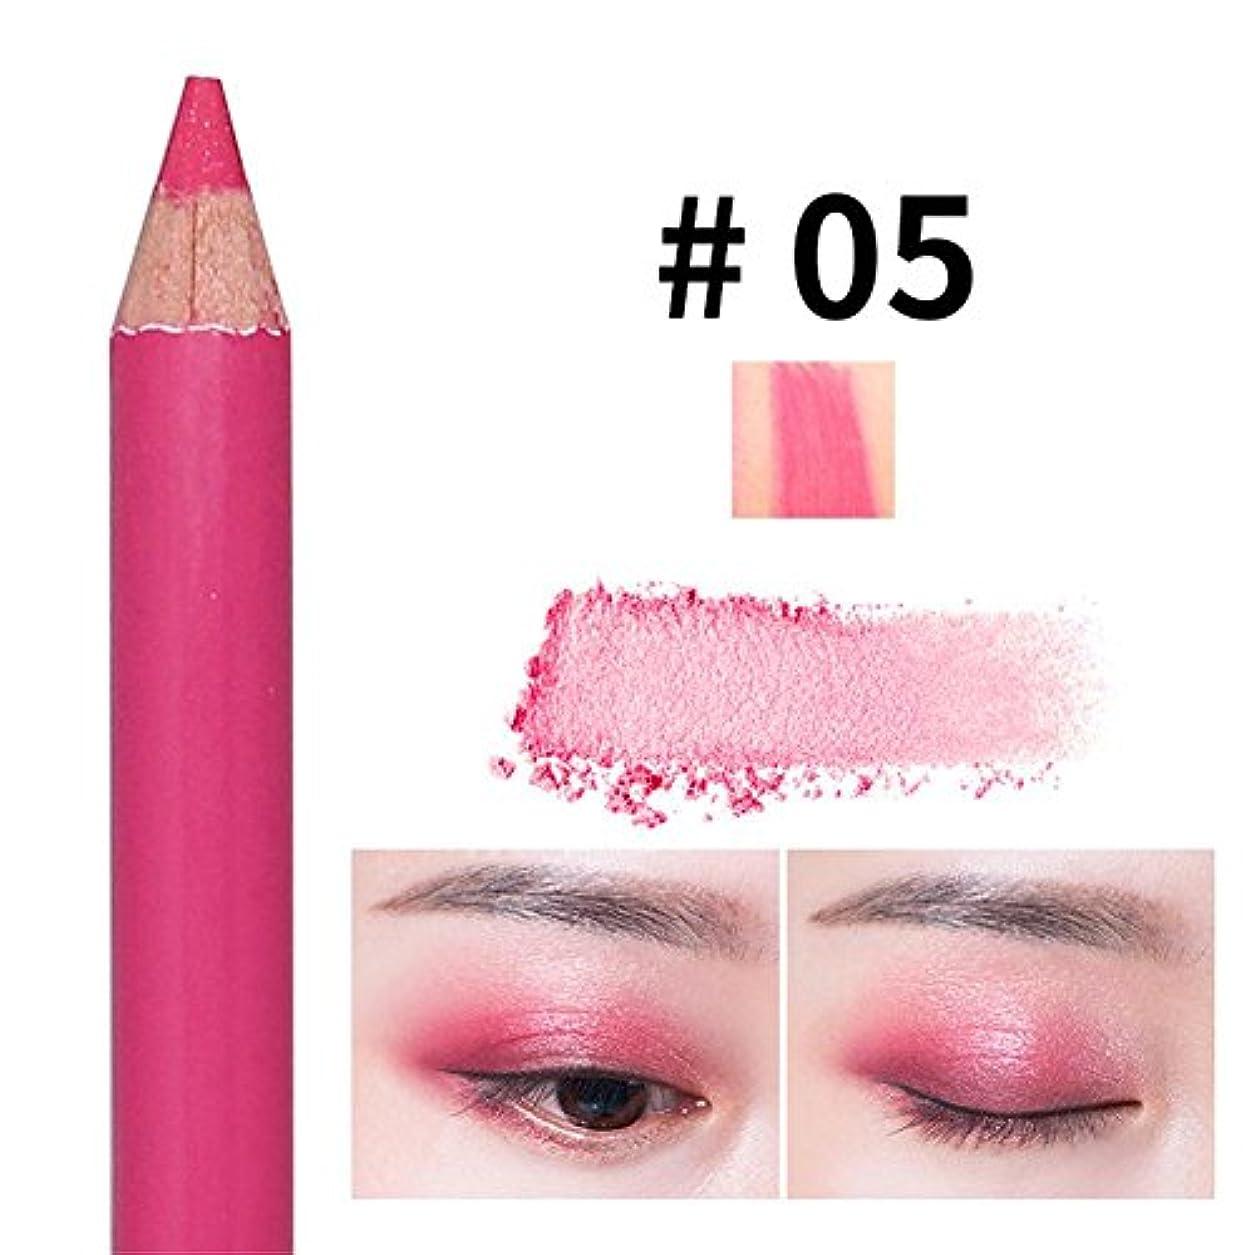 合わせて適性結婚するアイシャドウペン パールペン ハイライトペン ダブルヘッド 落ちにくい 簡単に色付け 長持ち メイクアップ おしゃれ 防水 ハローメイク メイクアップアイシャドウペン